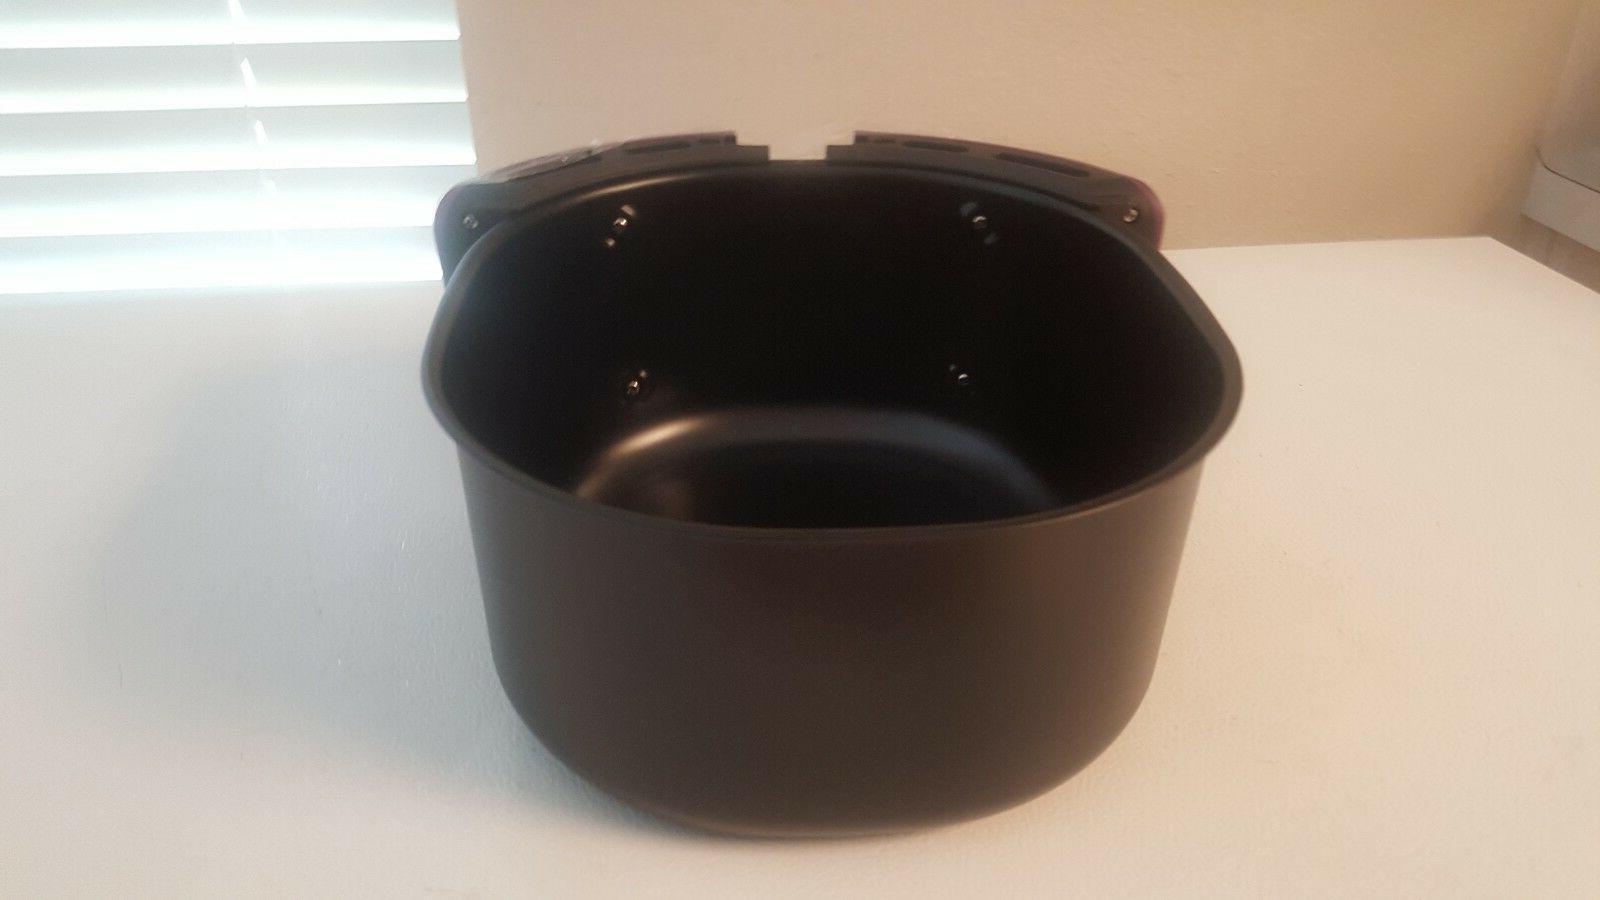 Cook's CM16053 5.3-Quart Air